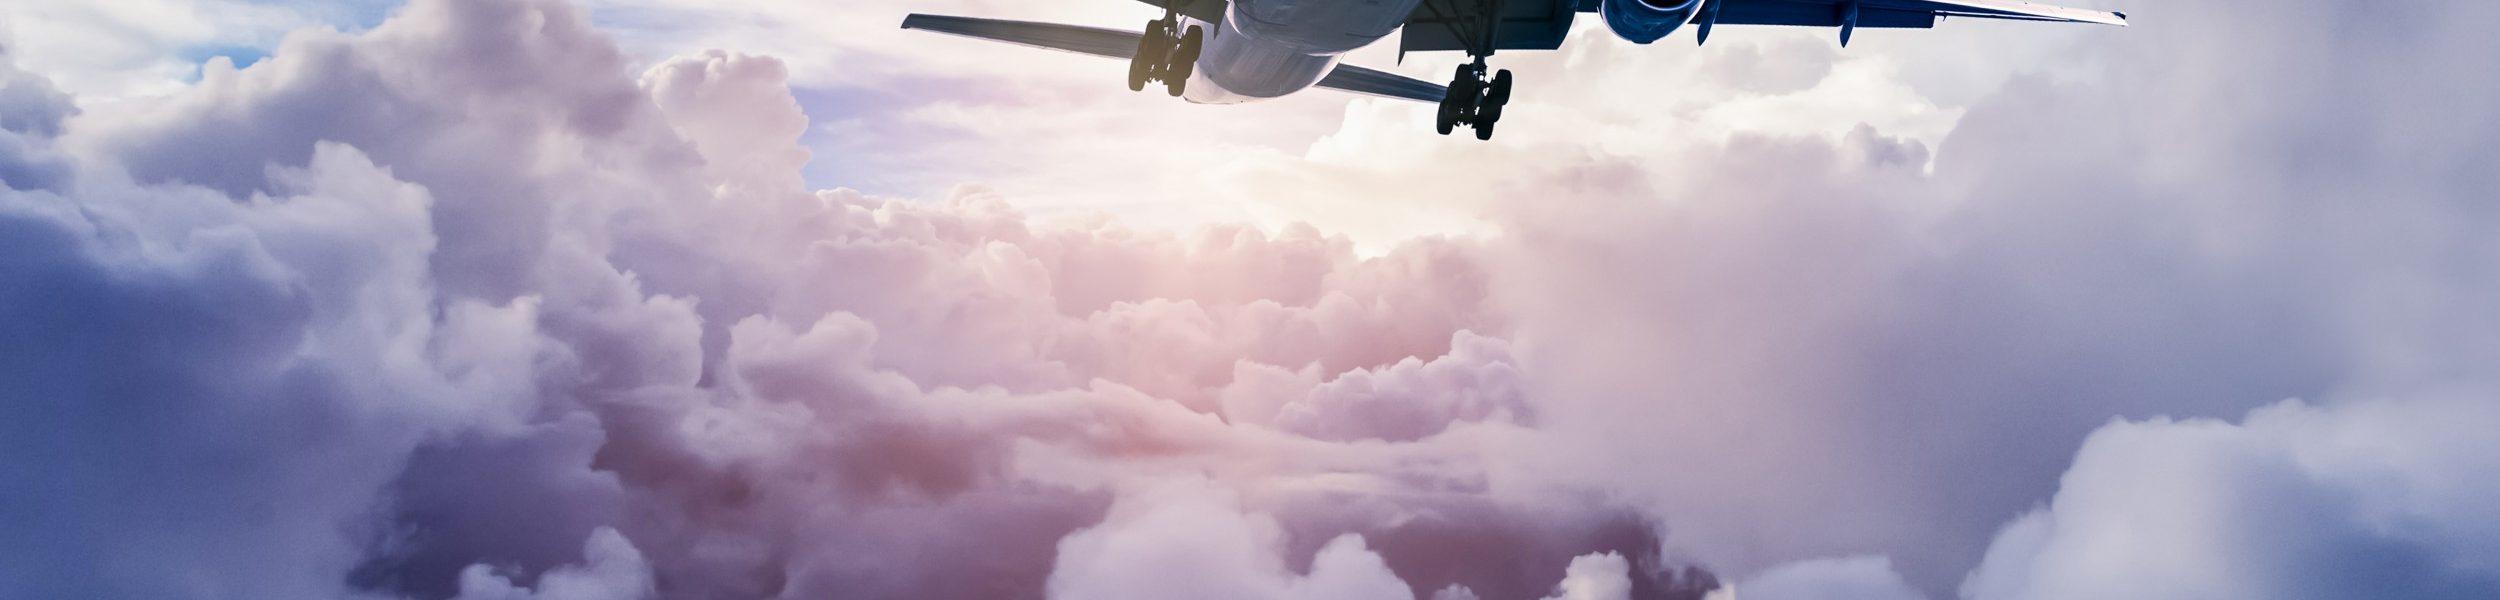 Спасение авиапассажира